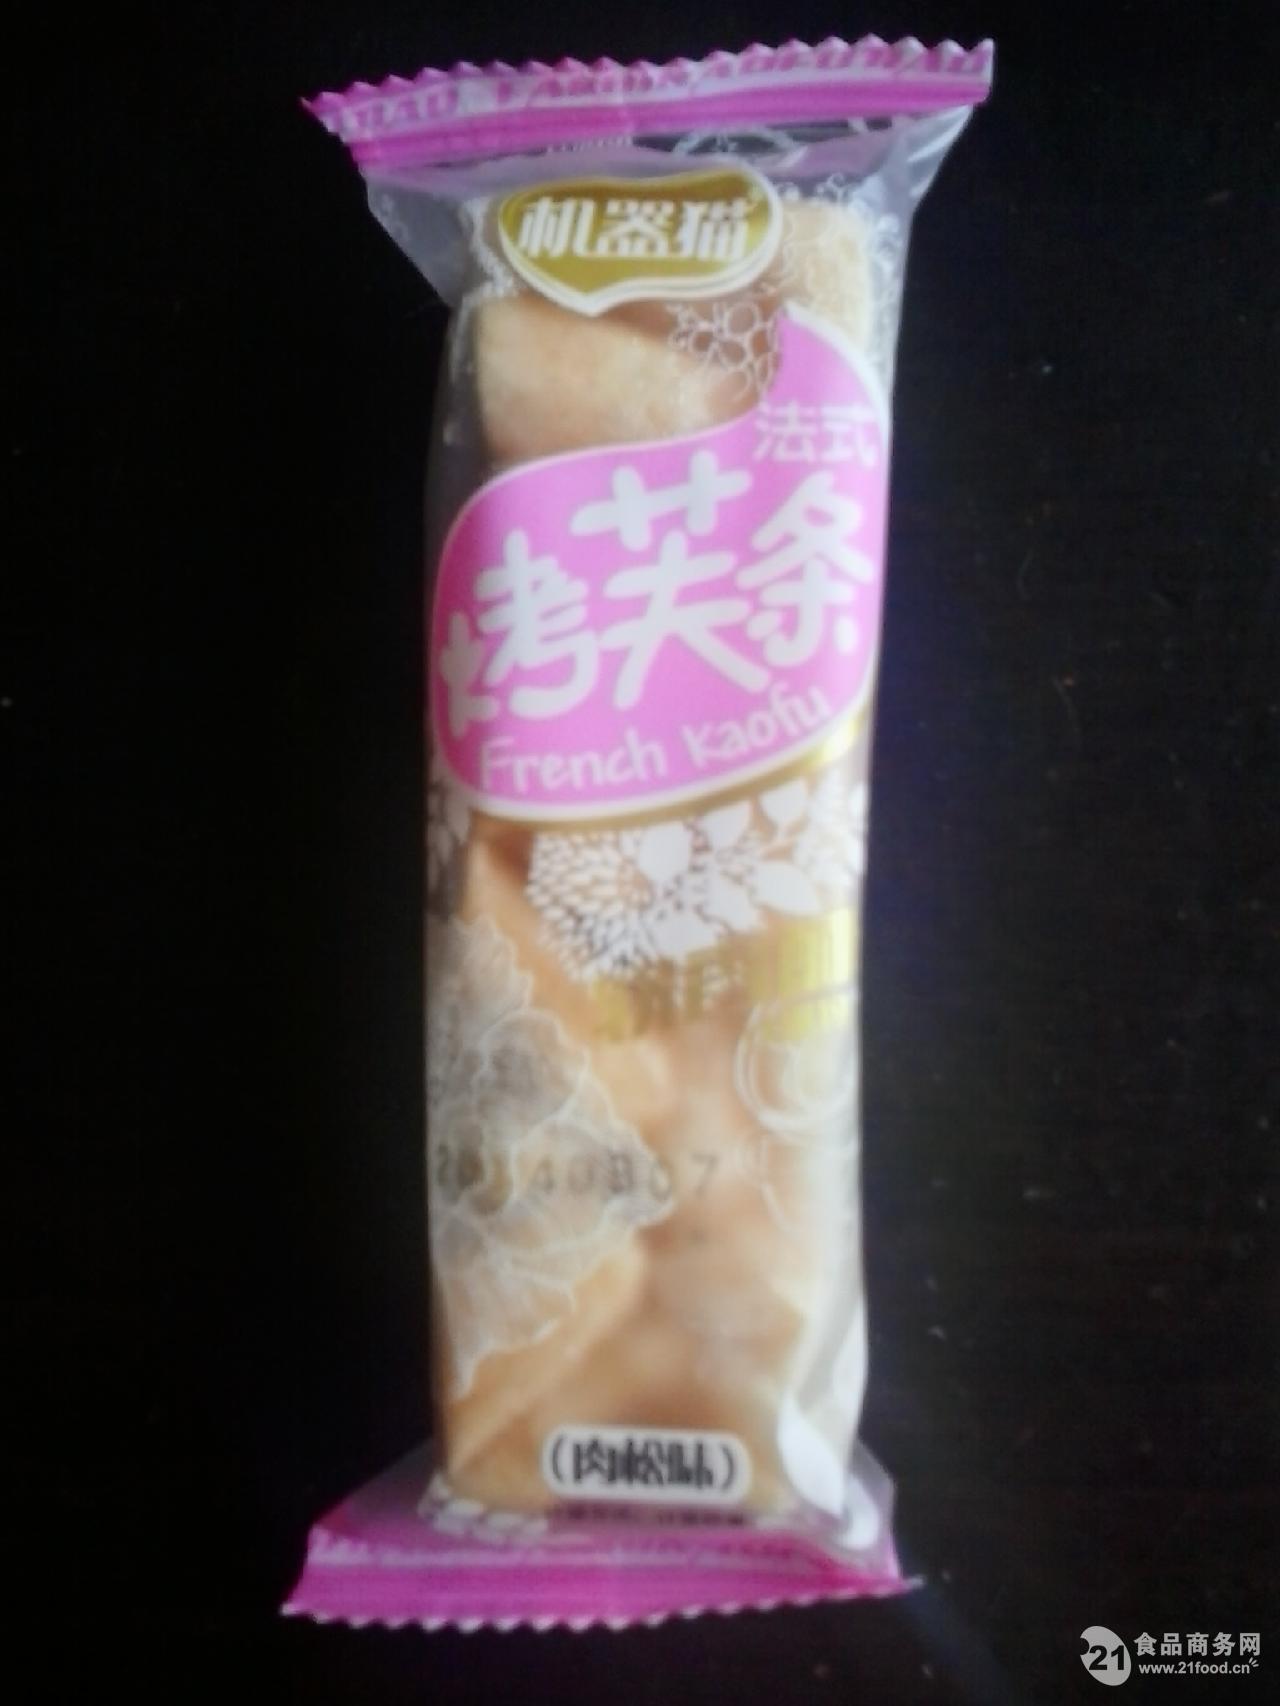 食品味法式烤芙条机器猫散装(临沂)肉松凡一图片